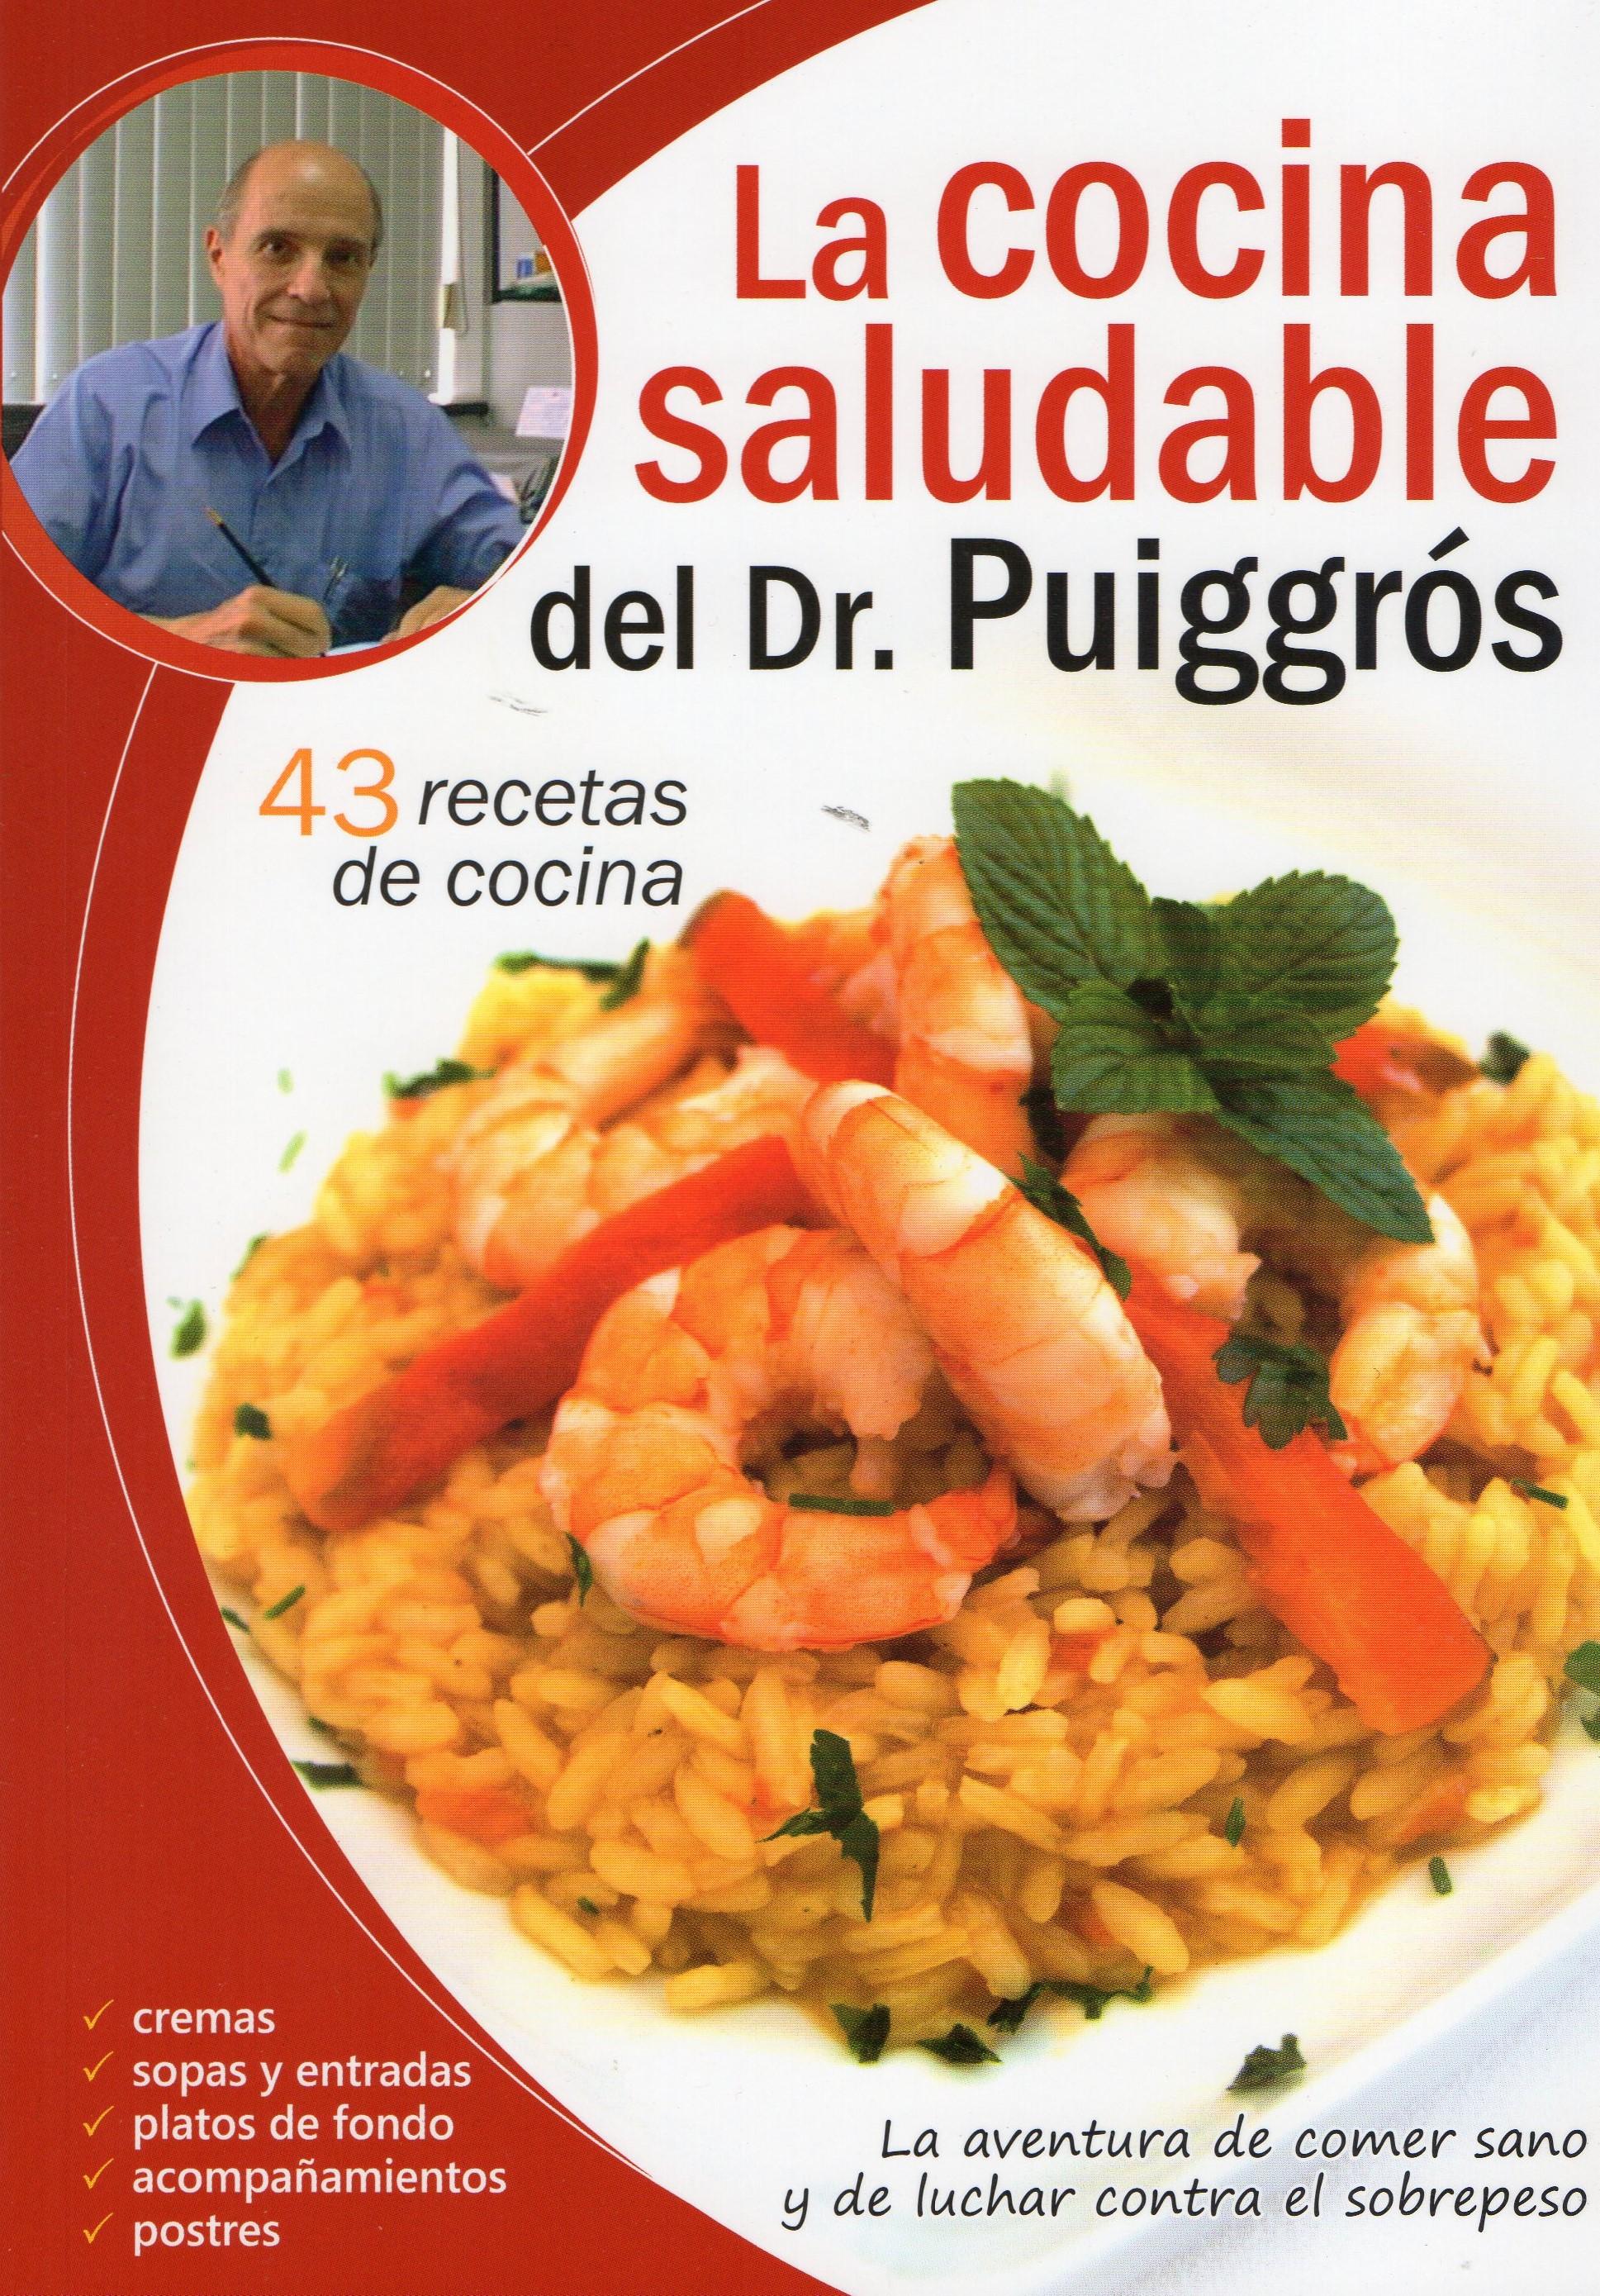 La cocina saludable del Dr. Puiggrós, por Alfonso Puiggrós Planas